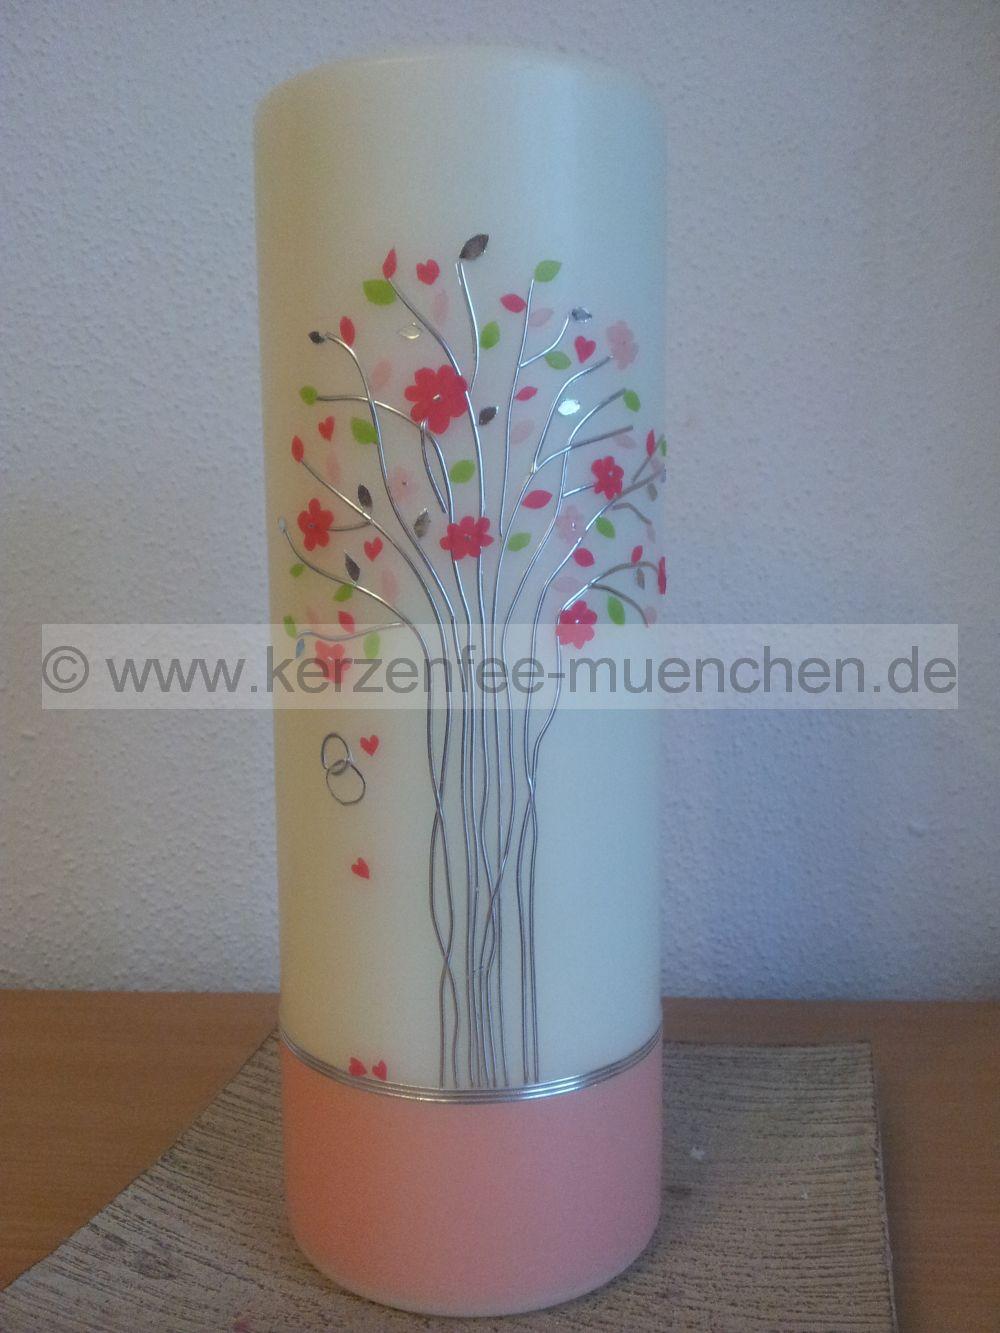 Kerzenfee Mnchen  Hochzeitskerze Blumenbaum pink